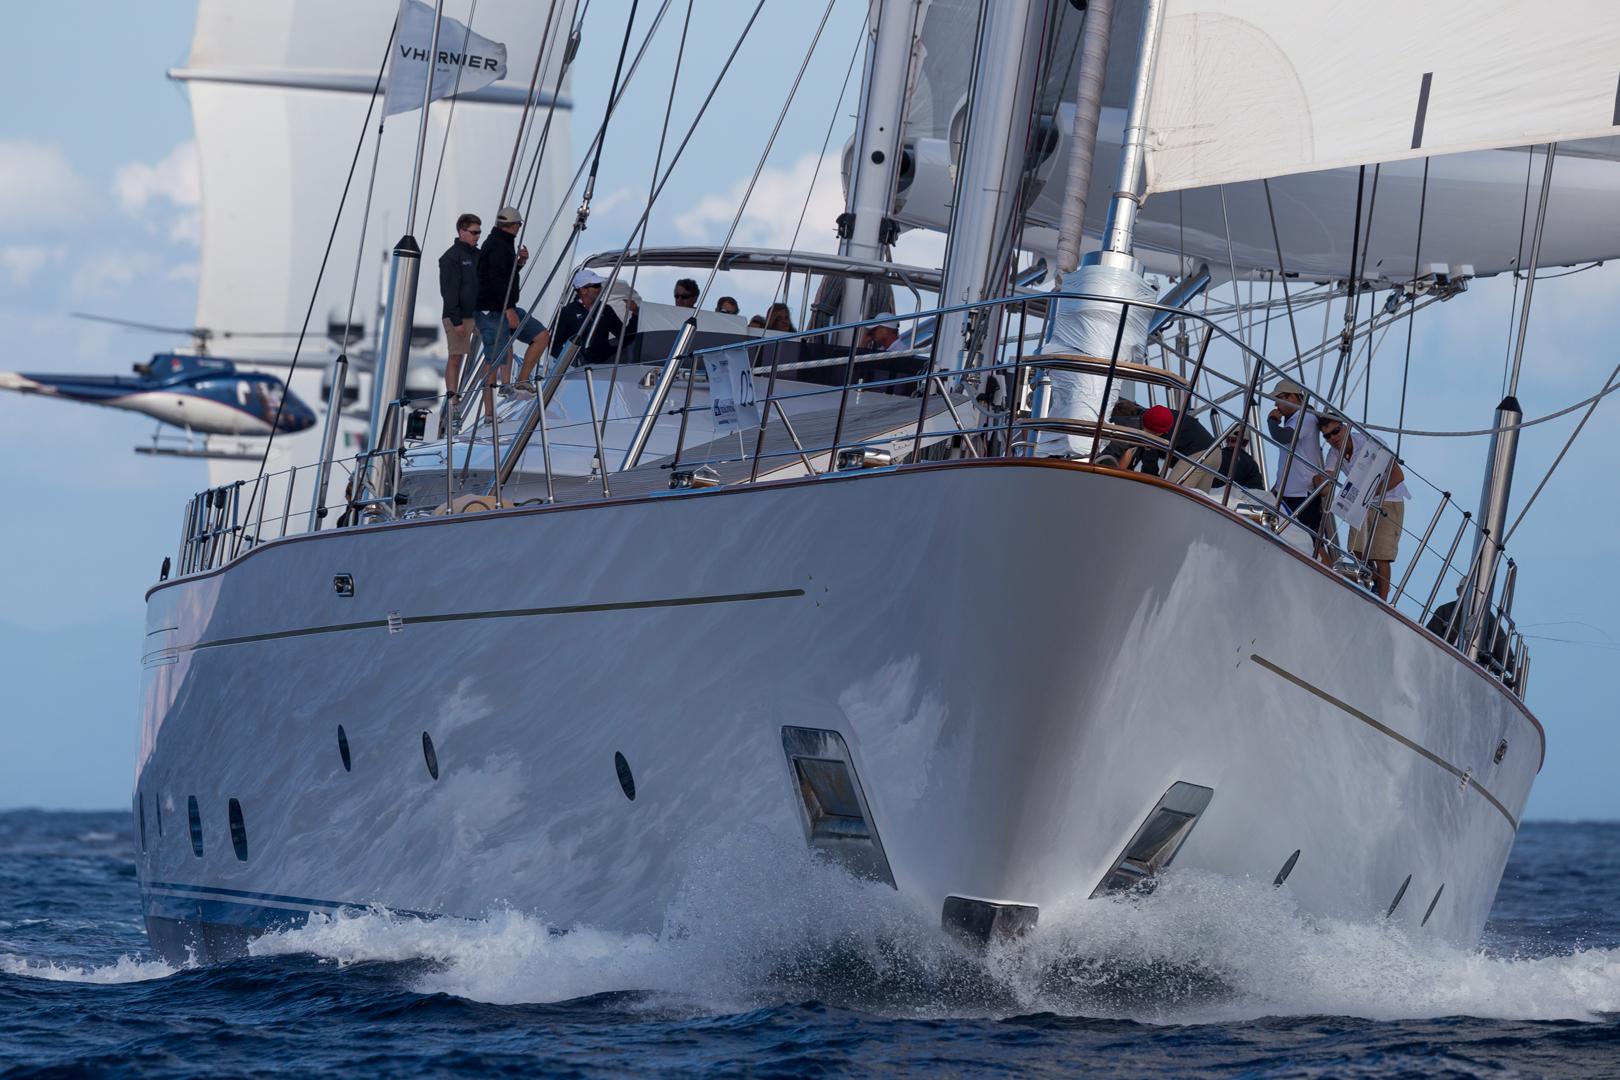 sailing-gallery-racing-1.jpg